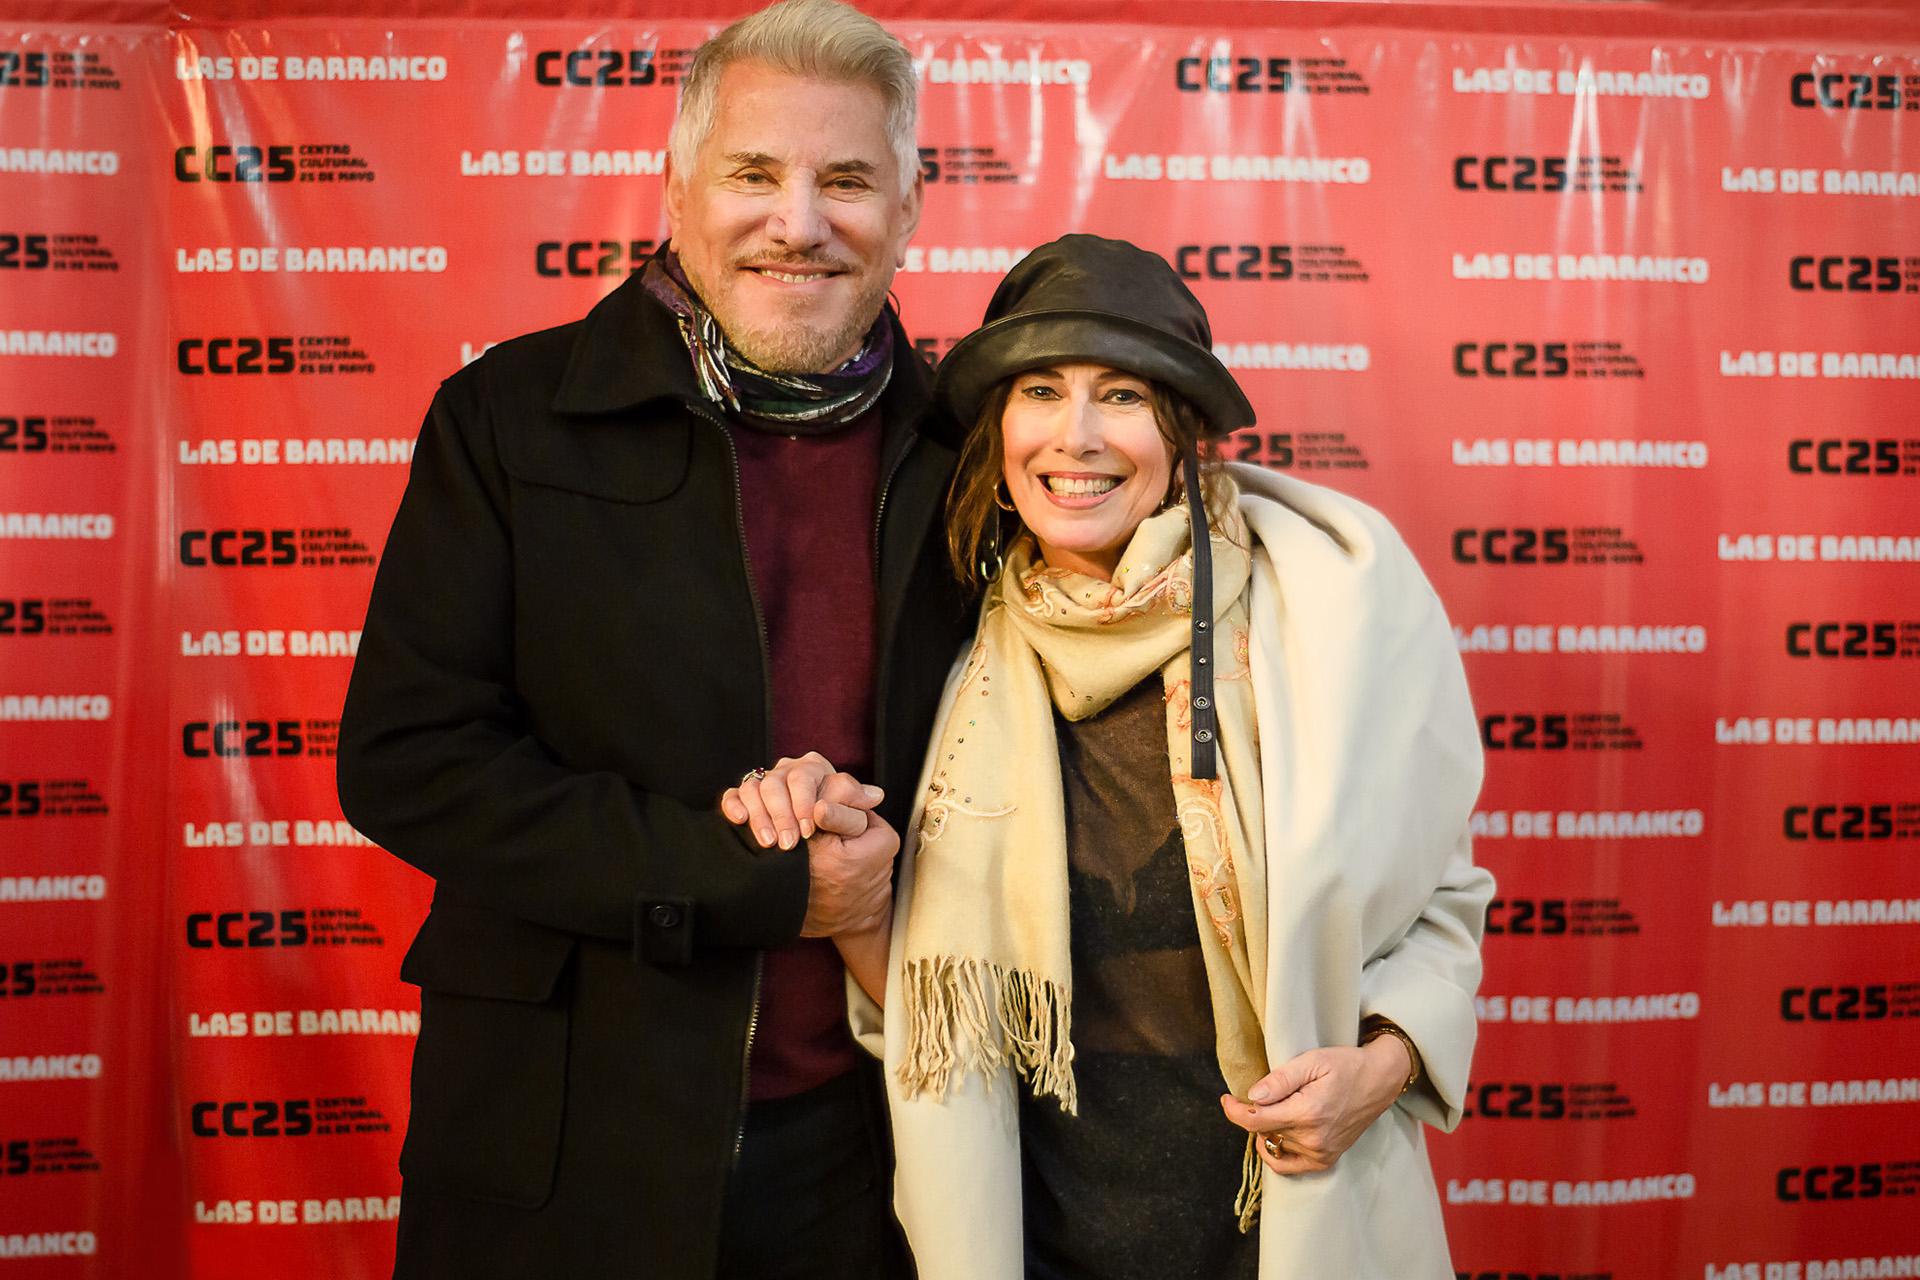 """Arnaldo André y Luisa Kuliok, la ex pareja protagonista de la novela """"Amo y Señor"""", se reencontraron en la obra """"Las de Barranco"""", el espectáculo que protagoniza la actriz"""